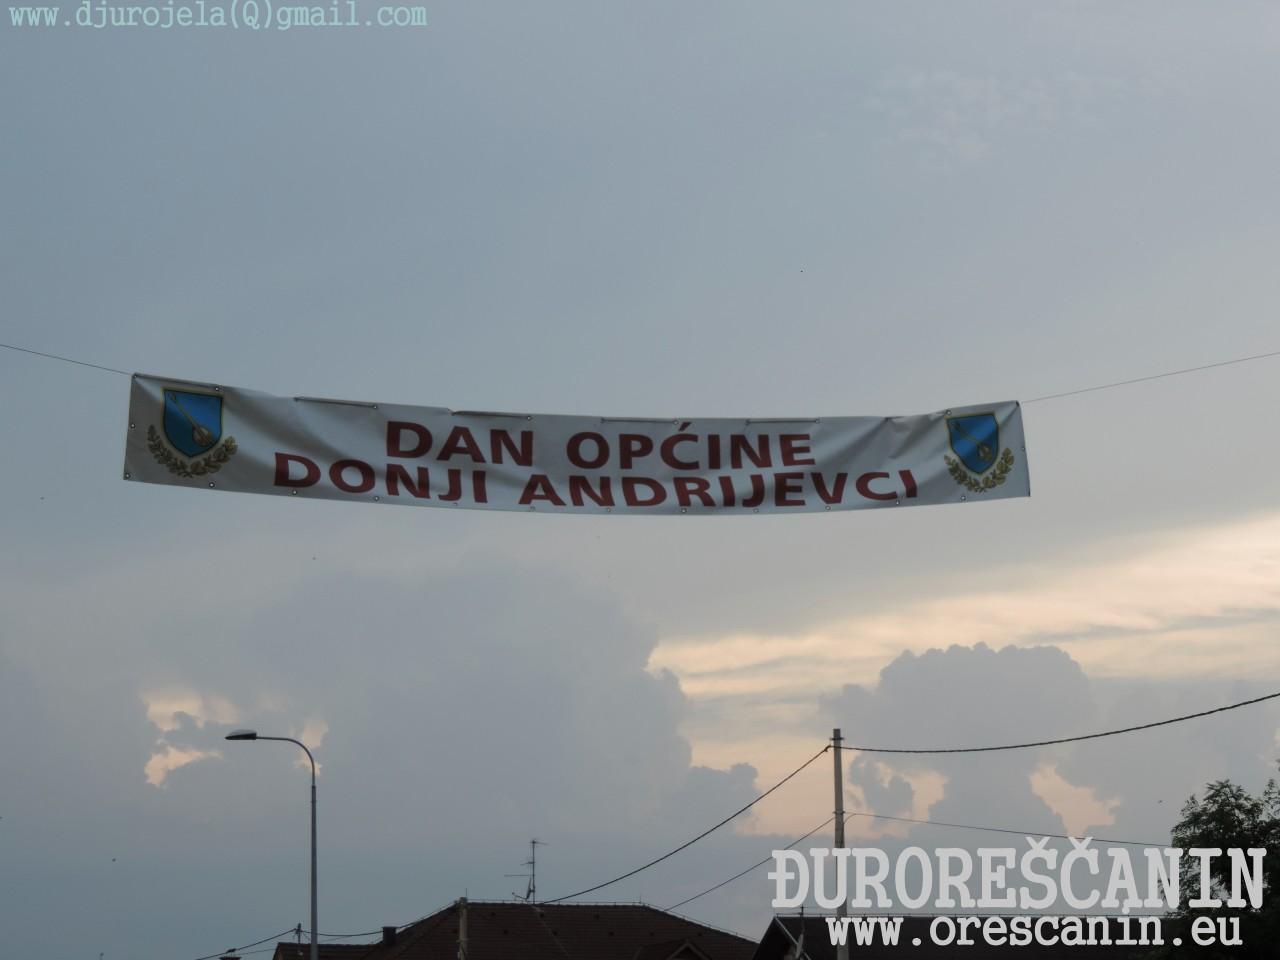 Donji Andrijevci  Dan opcine 2016